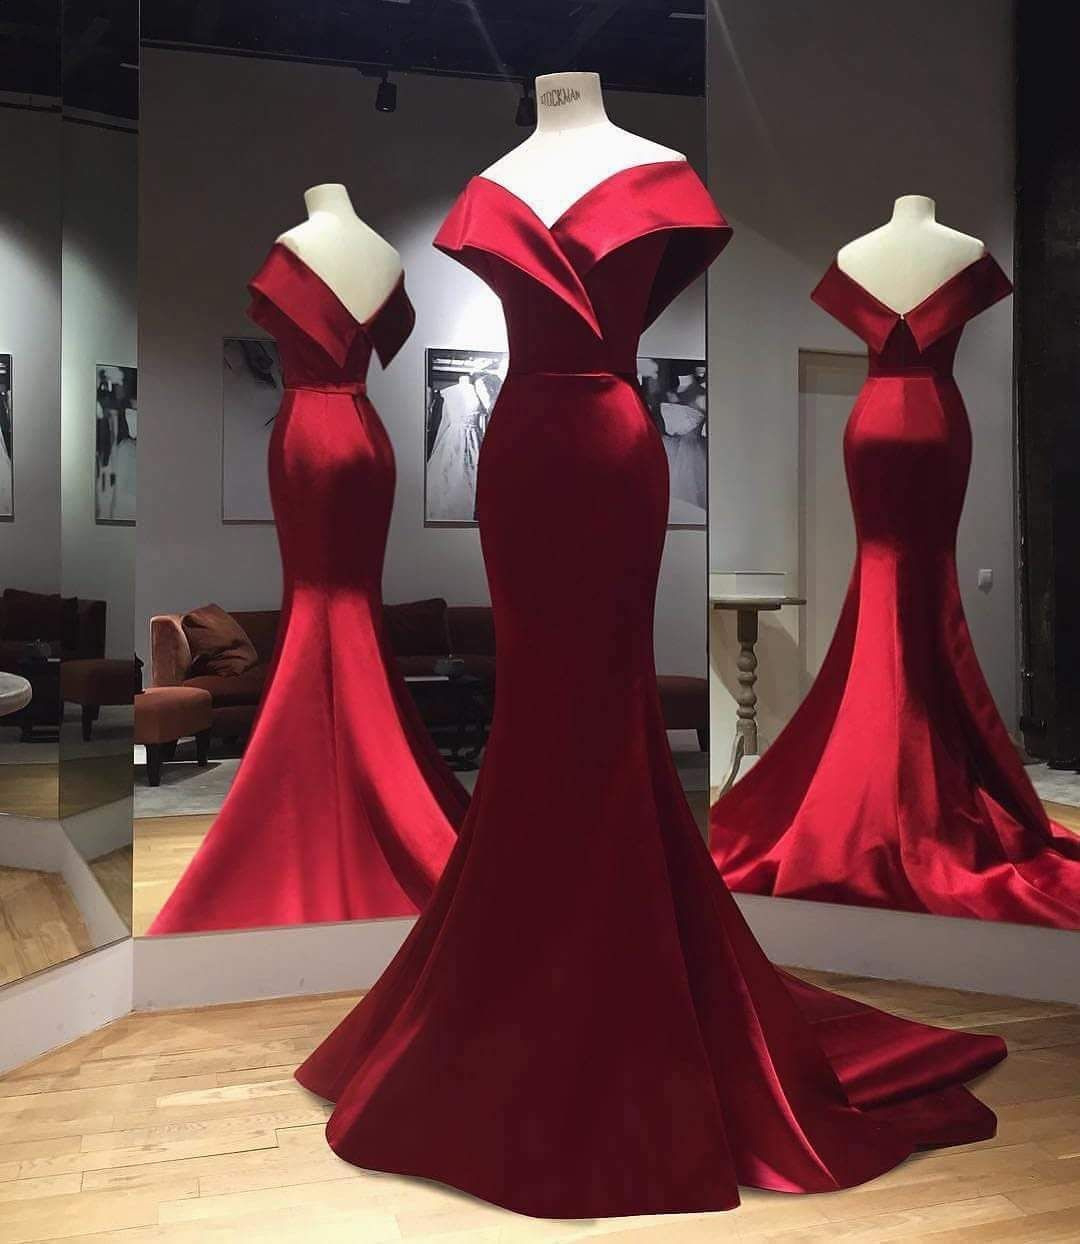 Formal Perfekt Abendkleid Bordeaux DesignAbend Schön Abendkleid Bordeaux Ärmel